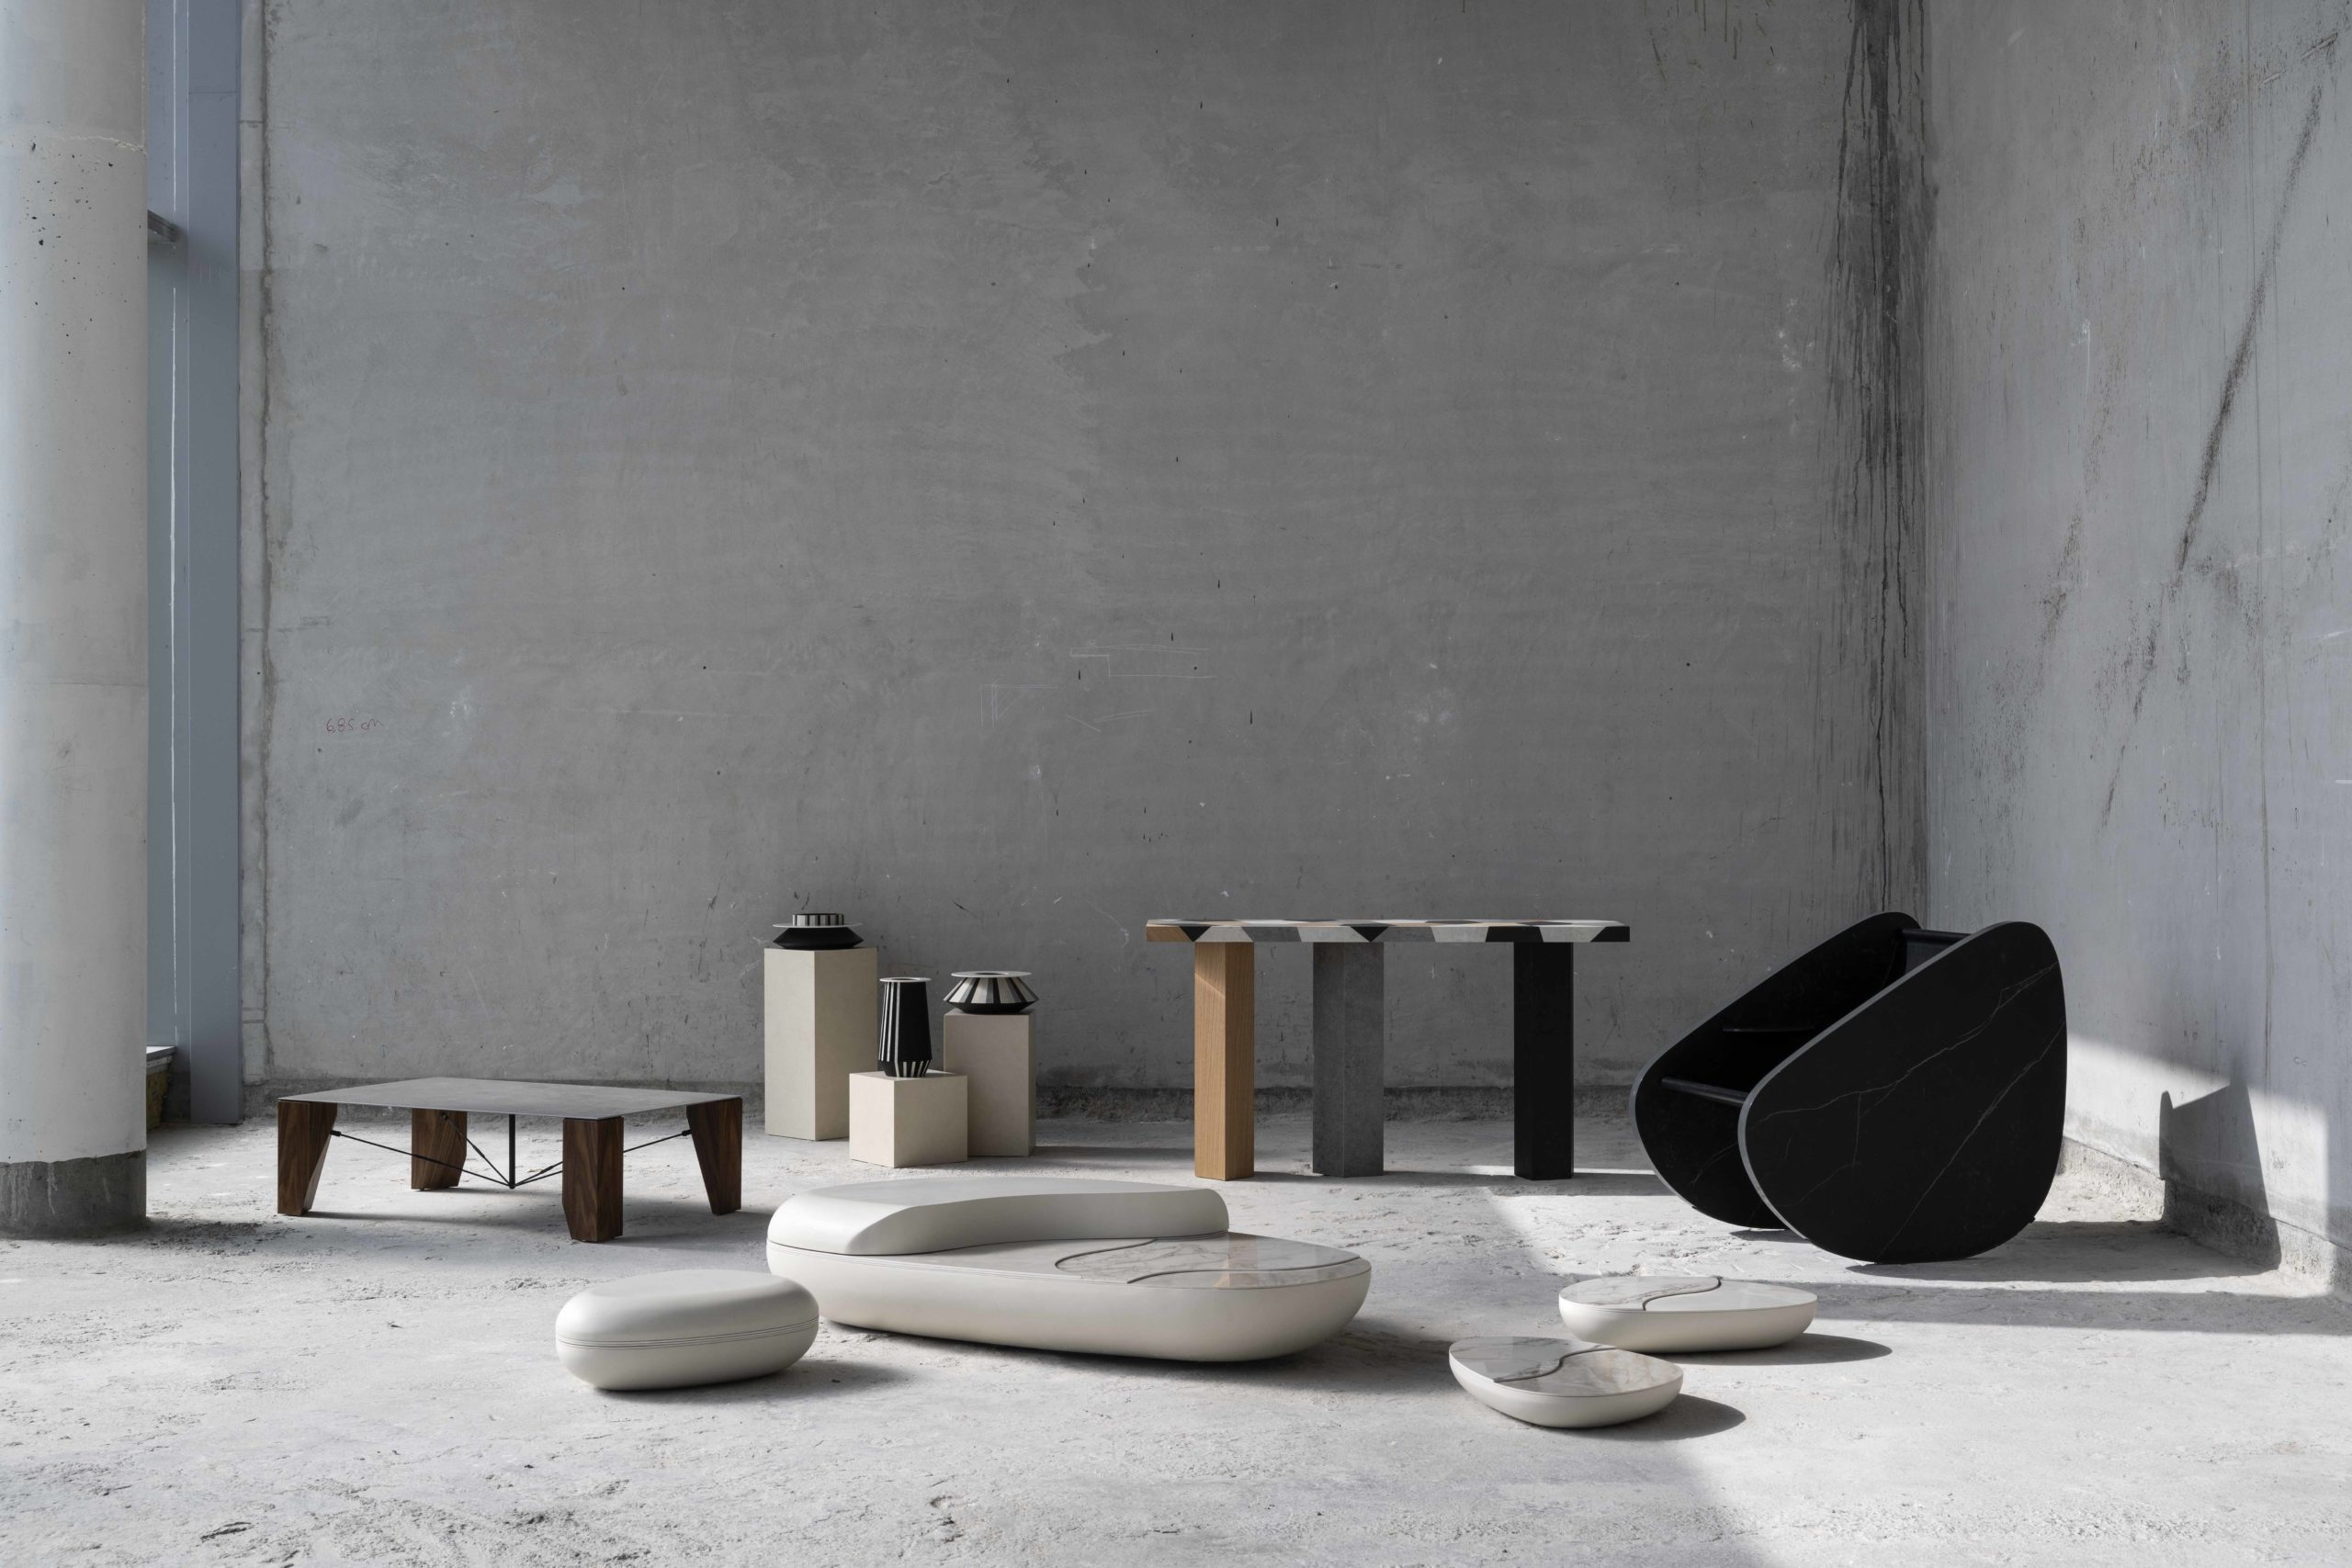 Image of CosentinoCapsuleCollection NateleeCocks in « Capsule Collection », la première ligne de mobilier en Dekton® by Cosentino - Cosentino